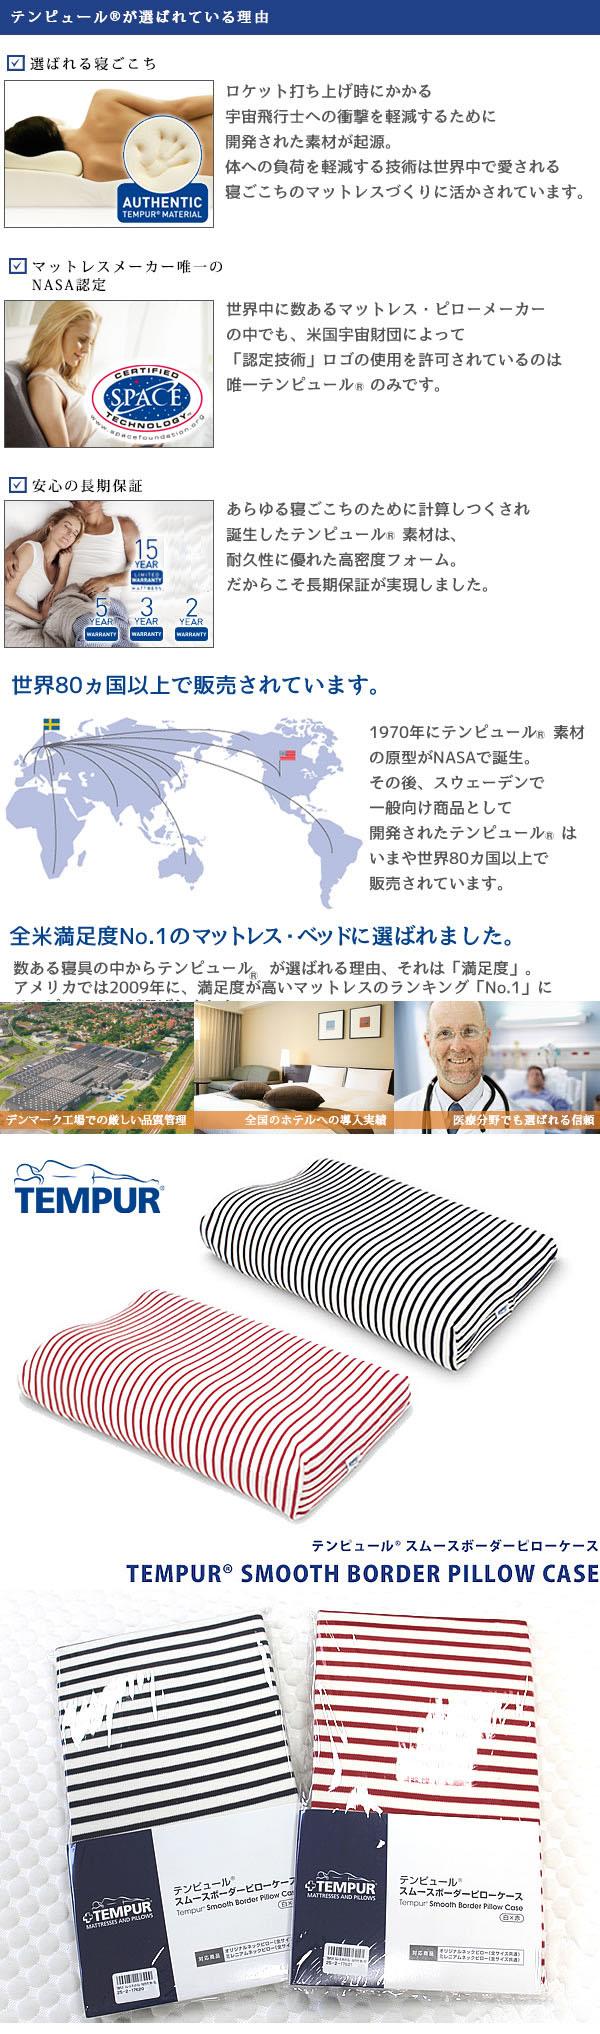 TEMPUR テンピュール スムースピロケース ボーダー (トラディショナルピロー・ブリーズピロー対応)